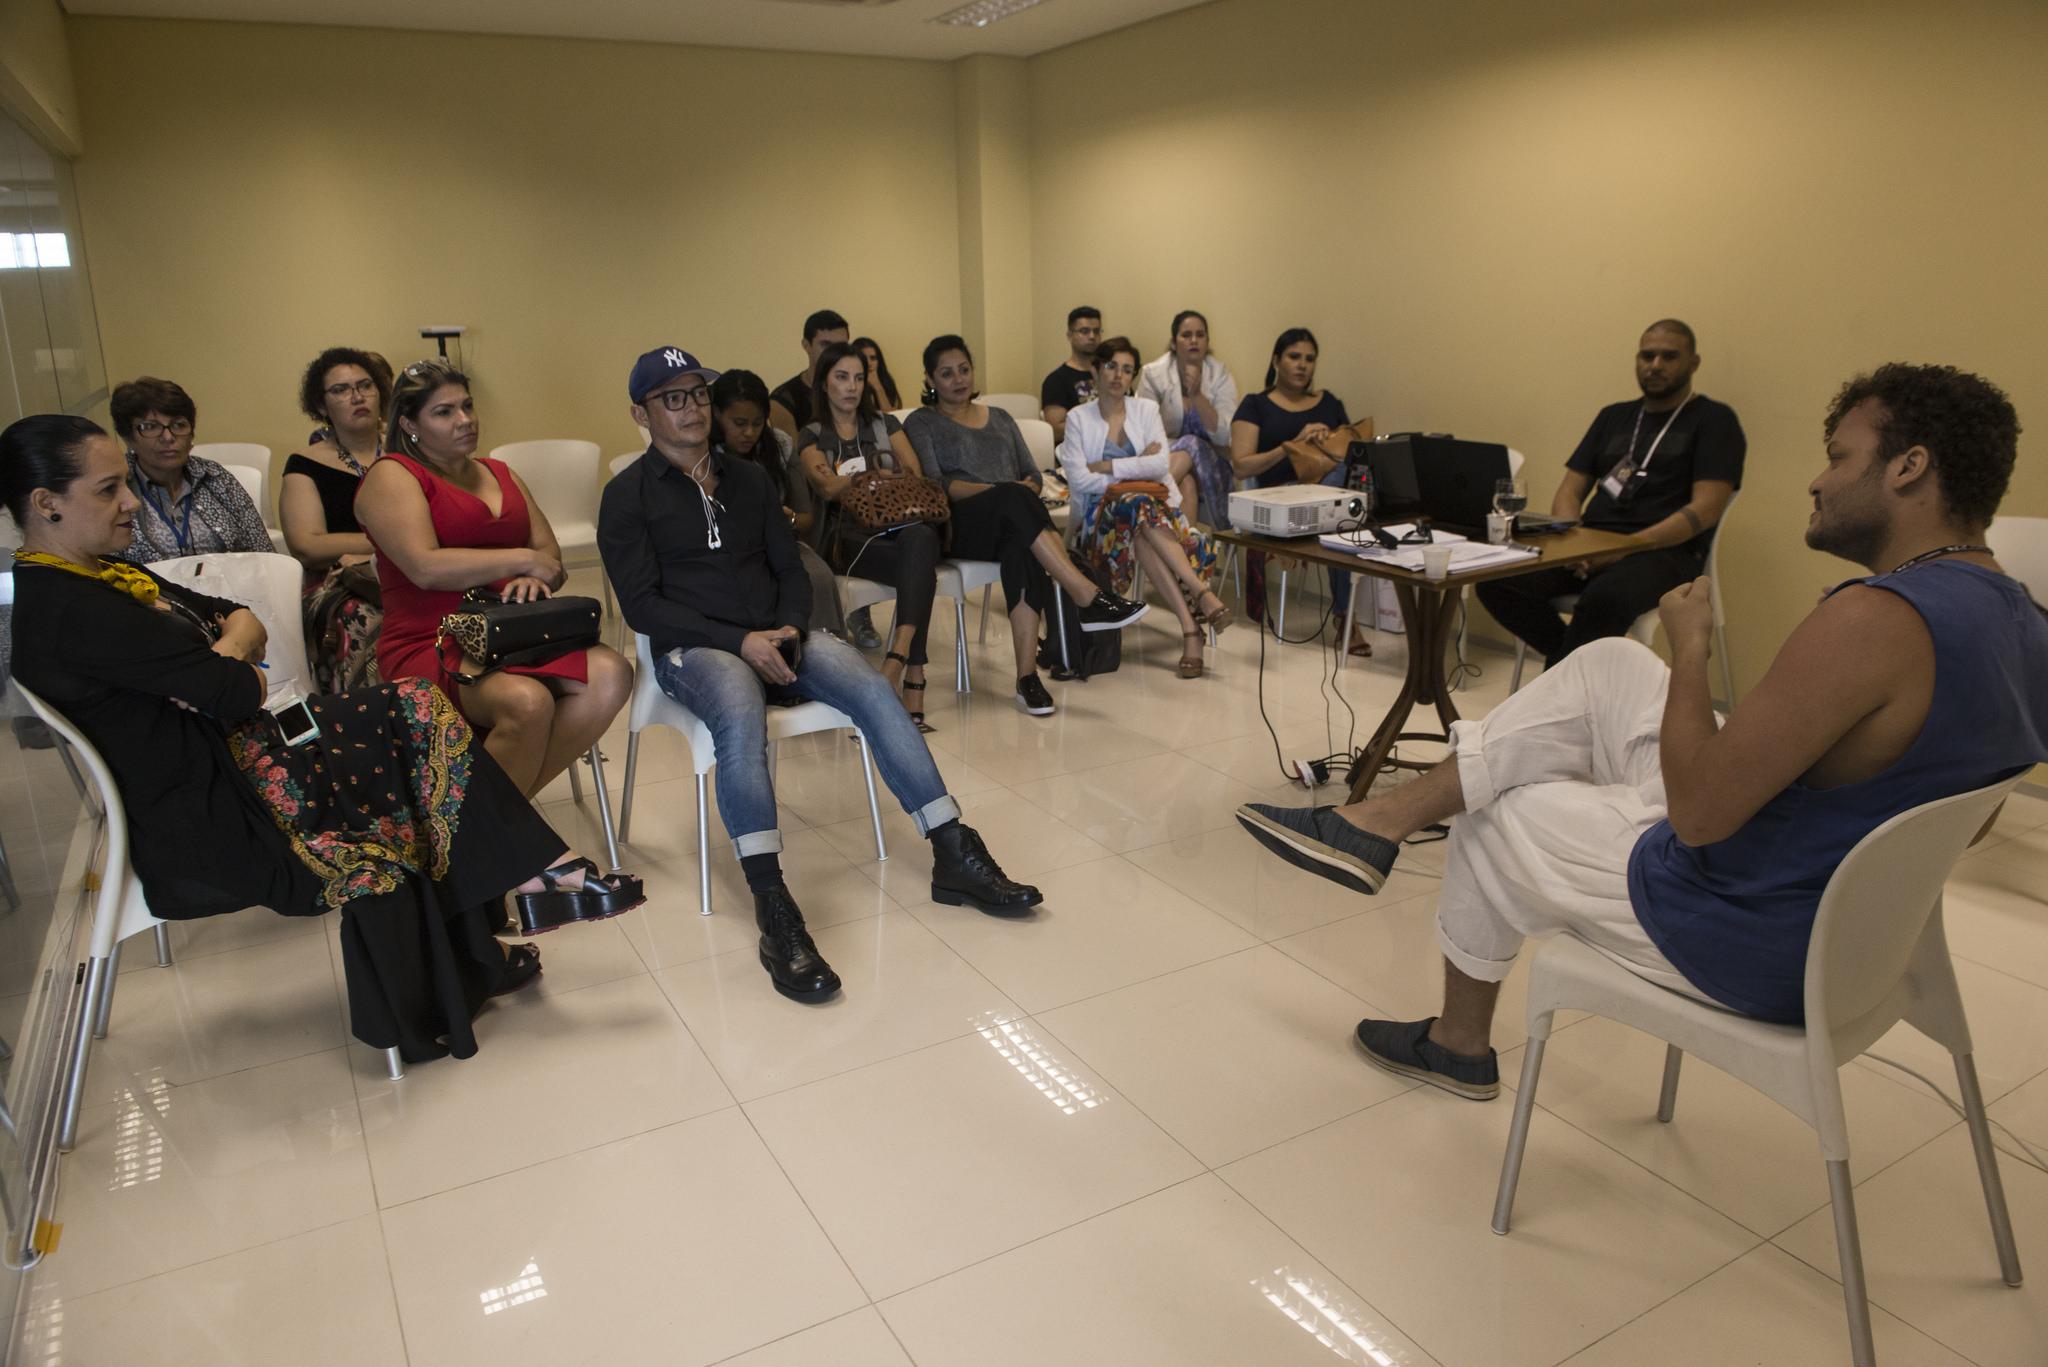 DPM REÚNE GRANDES NOMES DO MERCADO NACIONAL E INTERNACIONAL DA MODA E BELEZA